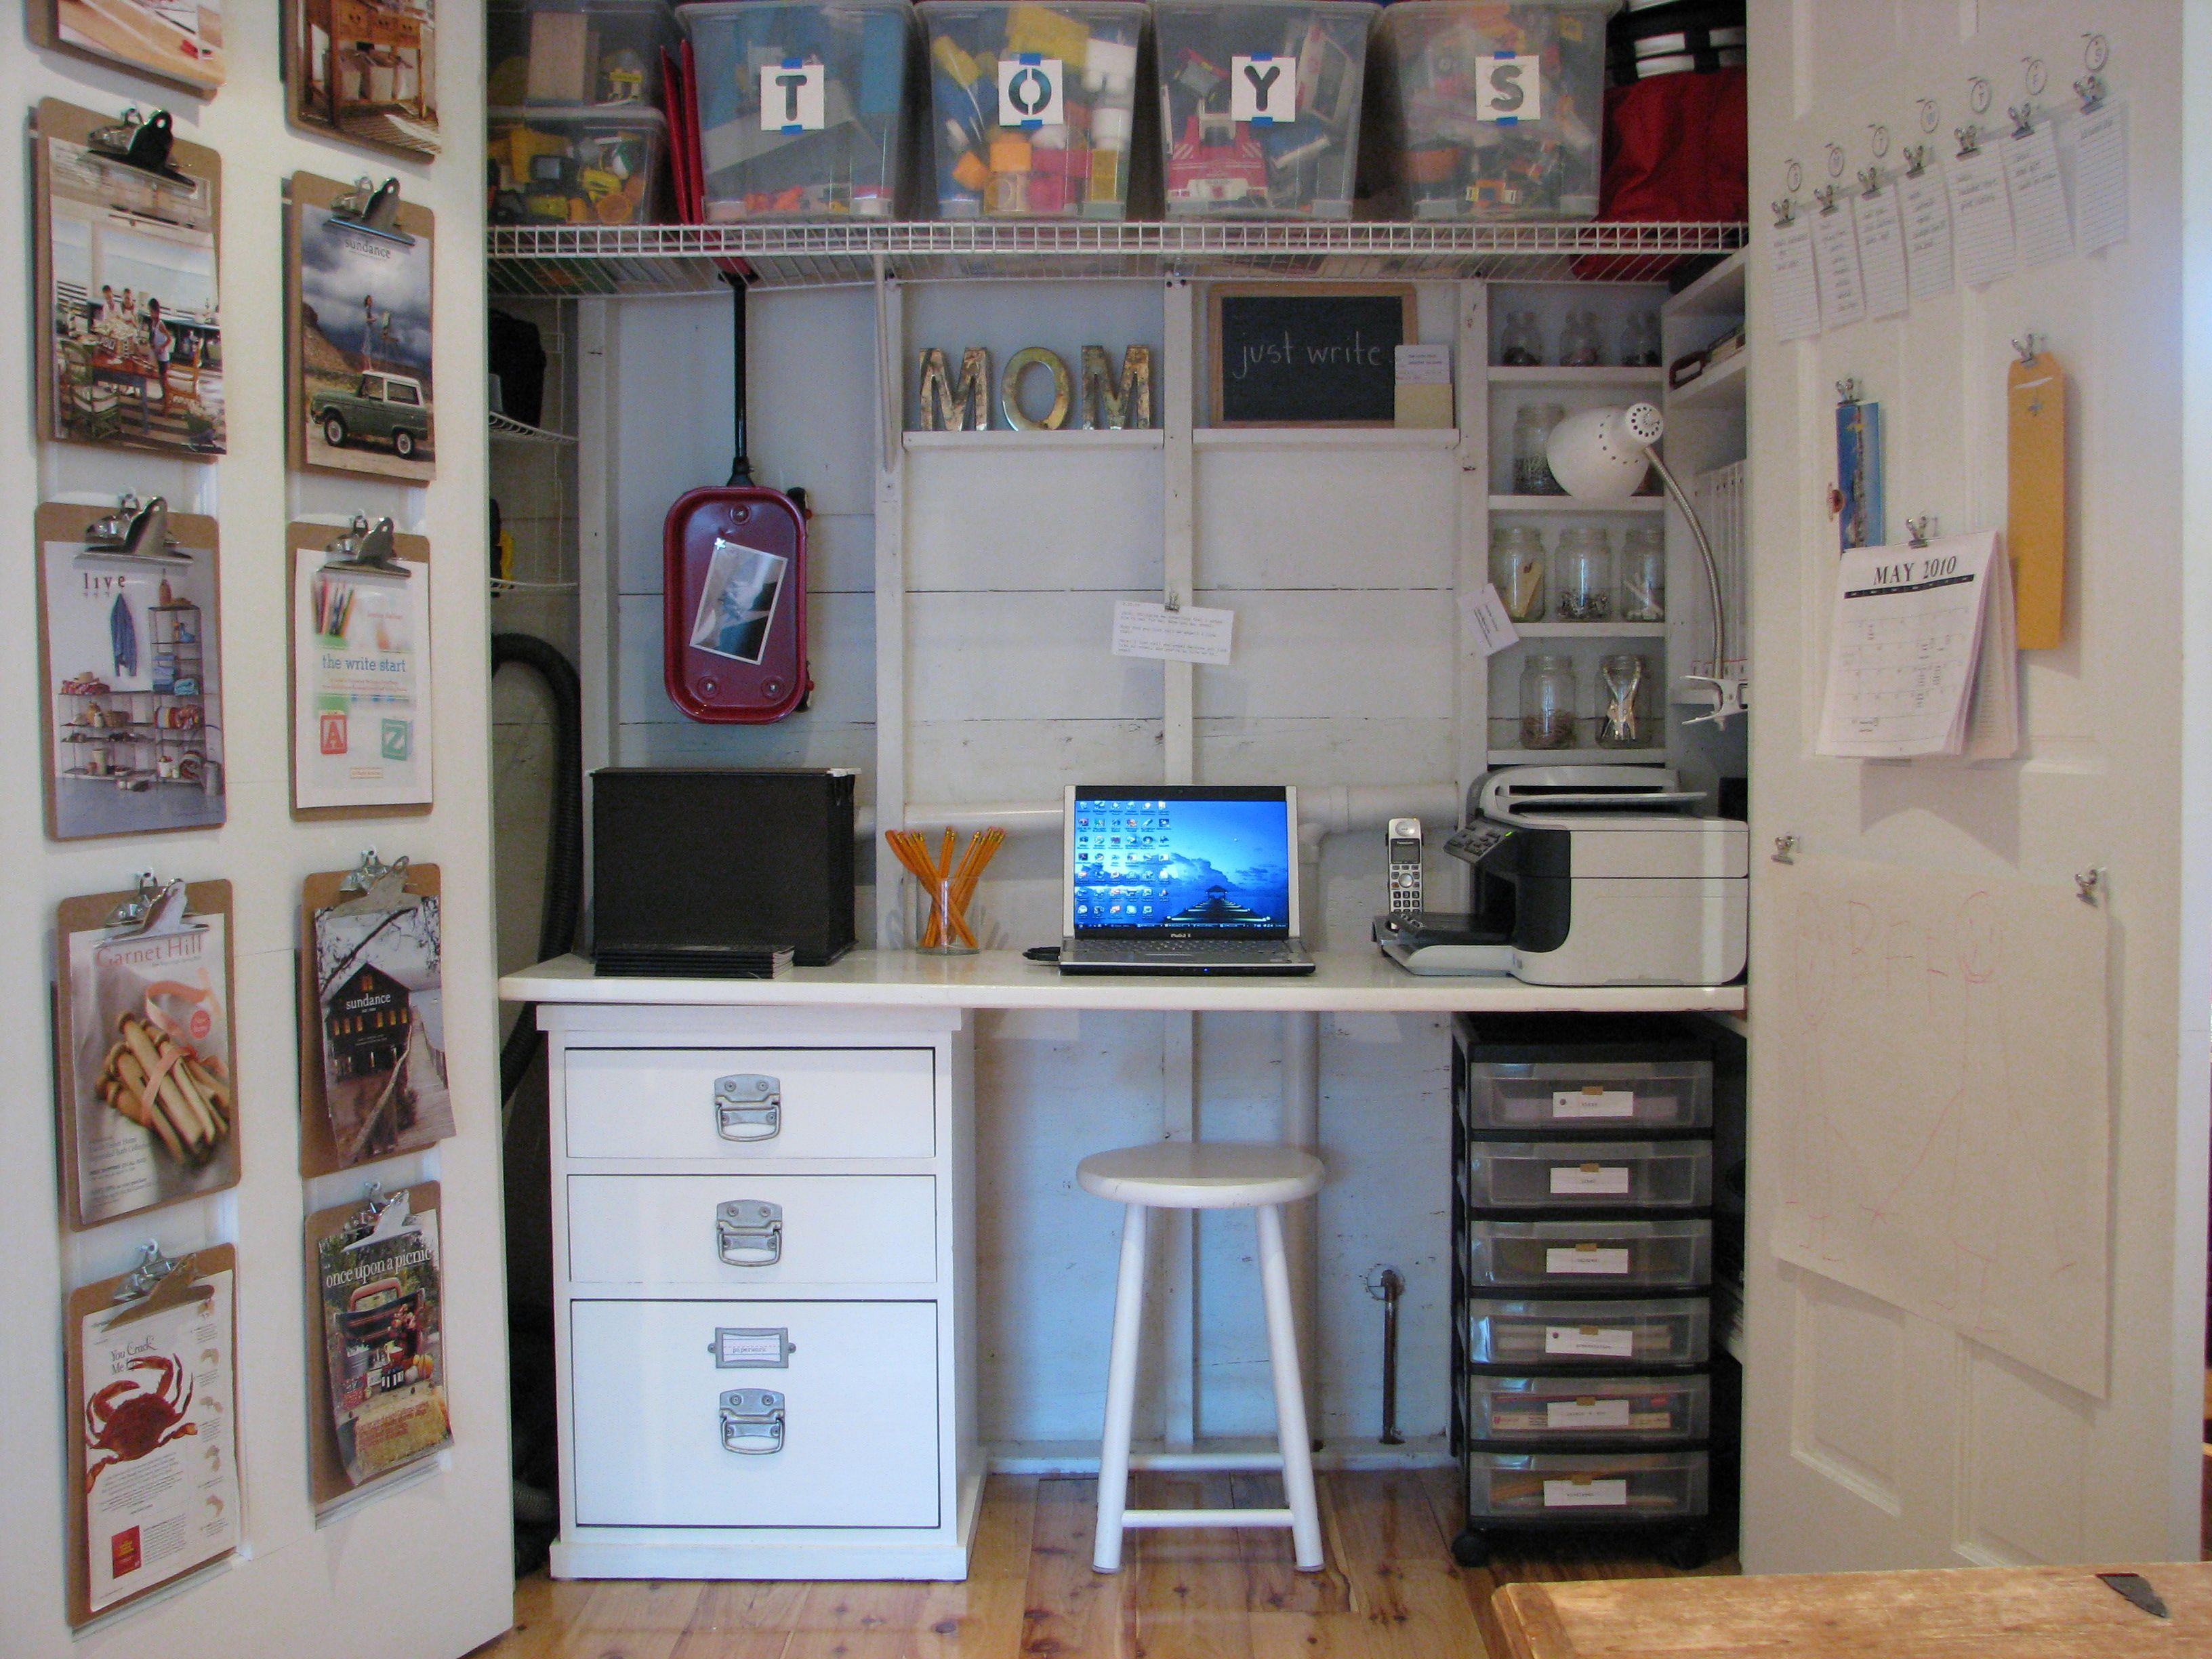 Cloffice Inspiration Closet Office Home Office Closet Closet Office Organization Closet Office